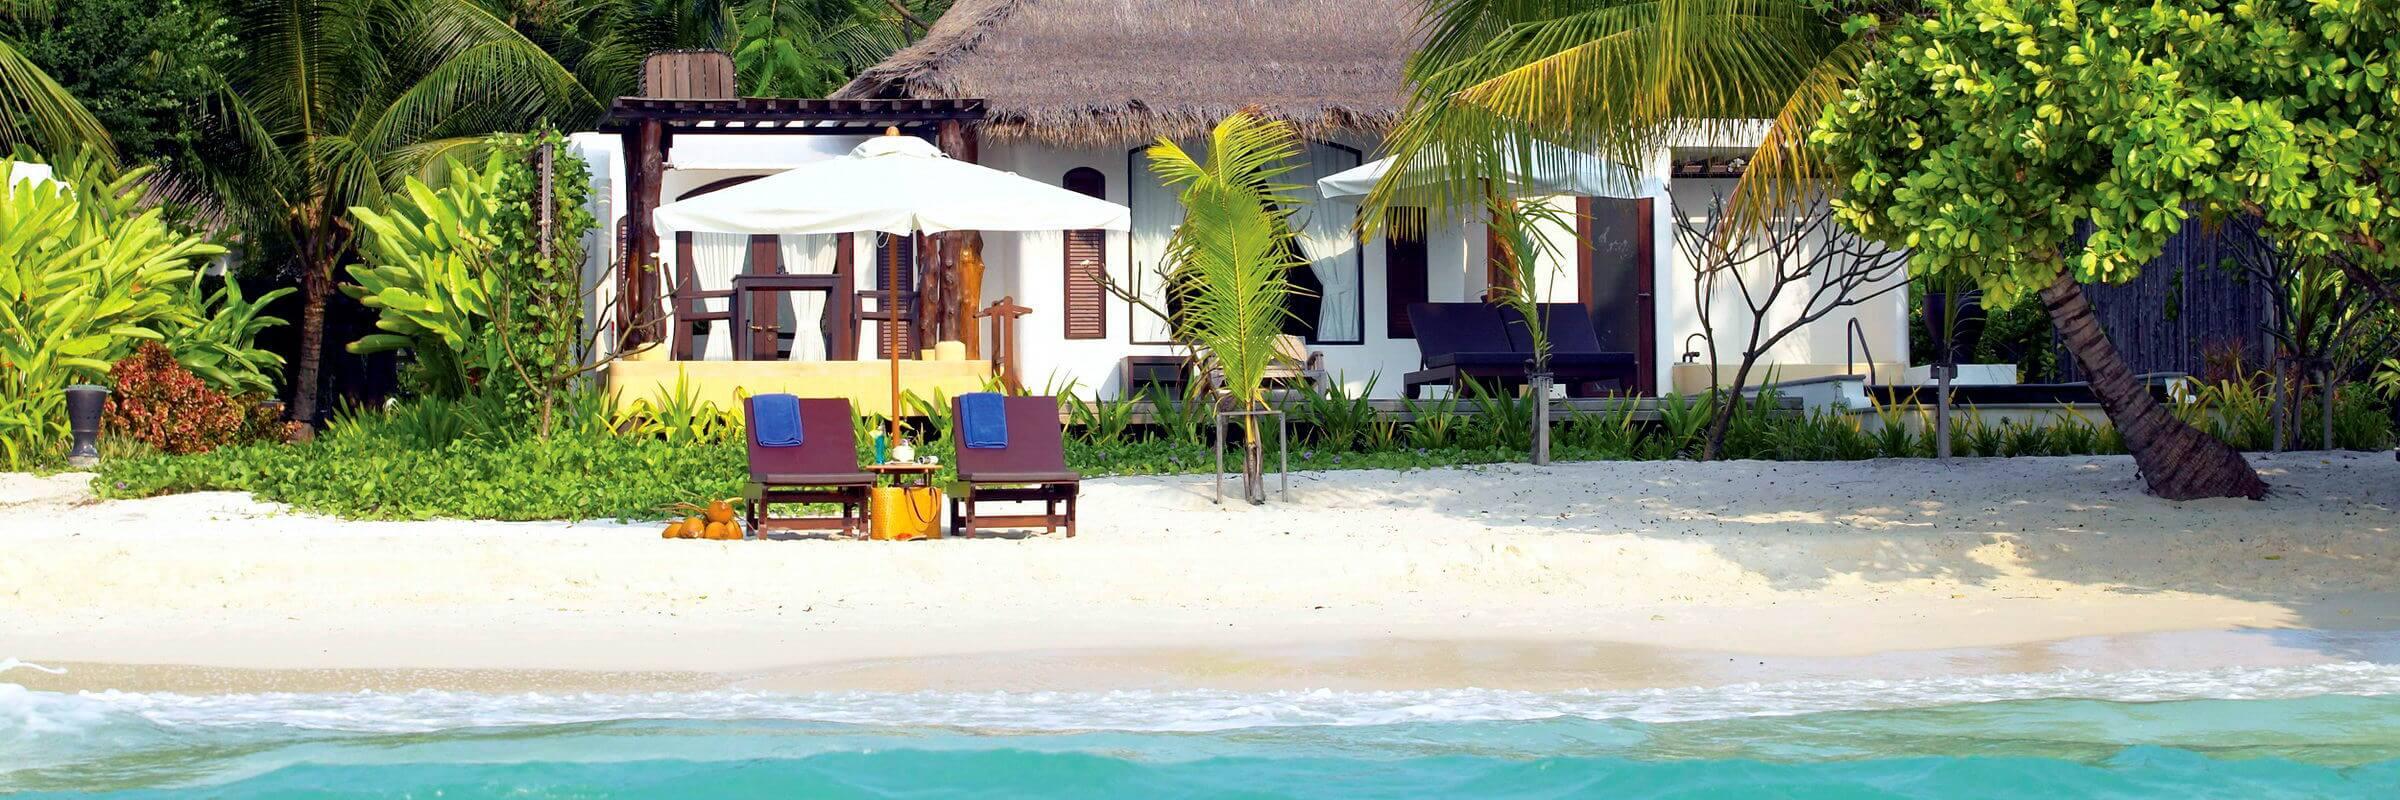 Die Ansicht vom Meer aus auf dei luxuriösen Beach Front Villen des Paradee Resort & Spa auf Koh Samet